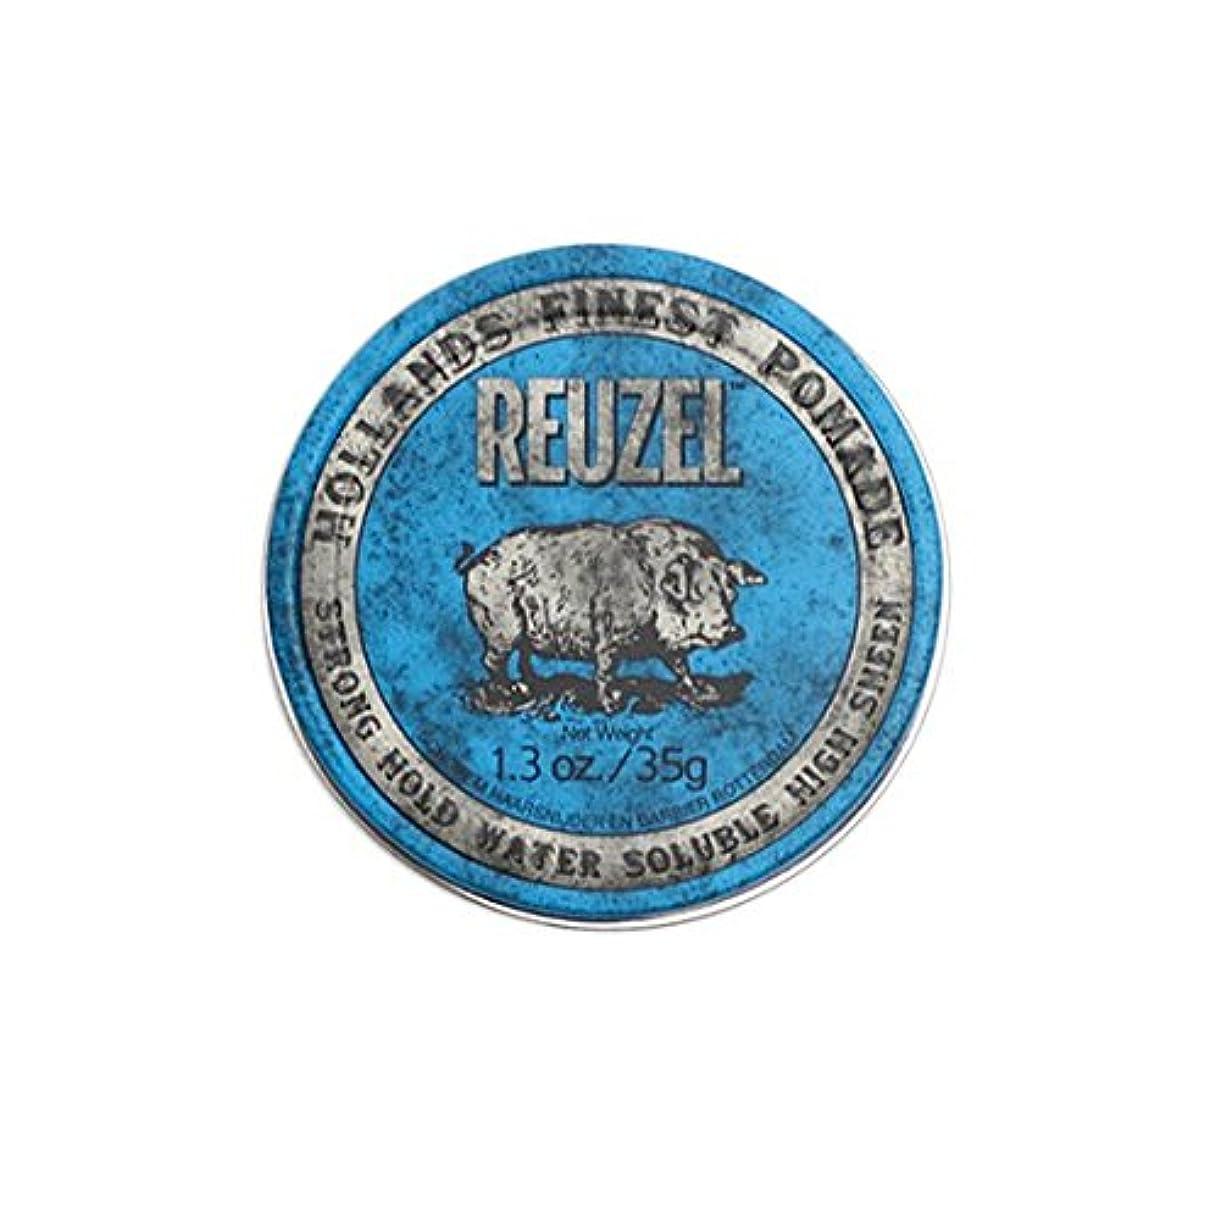 ゆりかご鮫軽ルーゾー REUZEL STRONG HOLD HIGH SHEEN ストロングホールド ブルー 35g